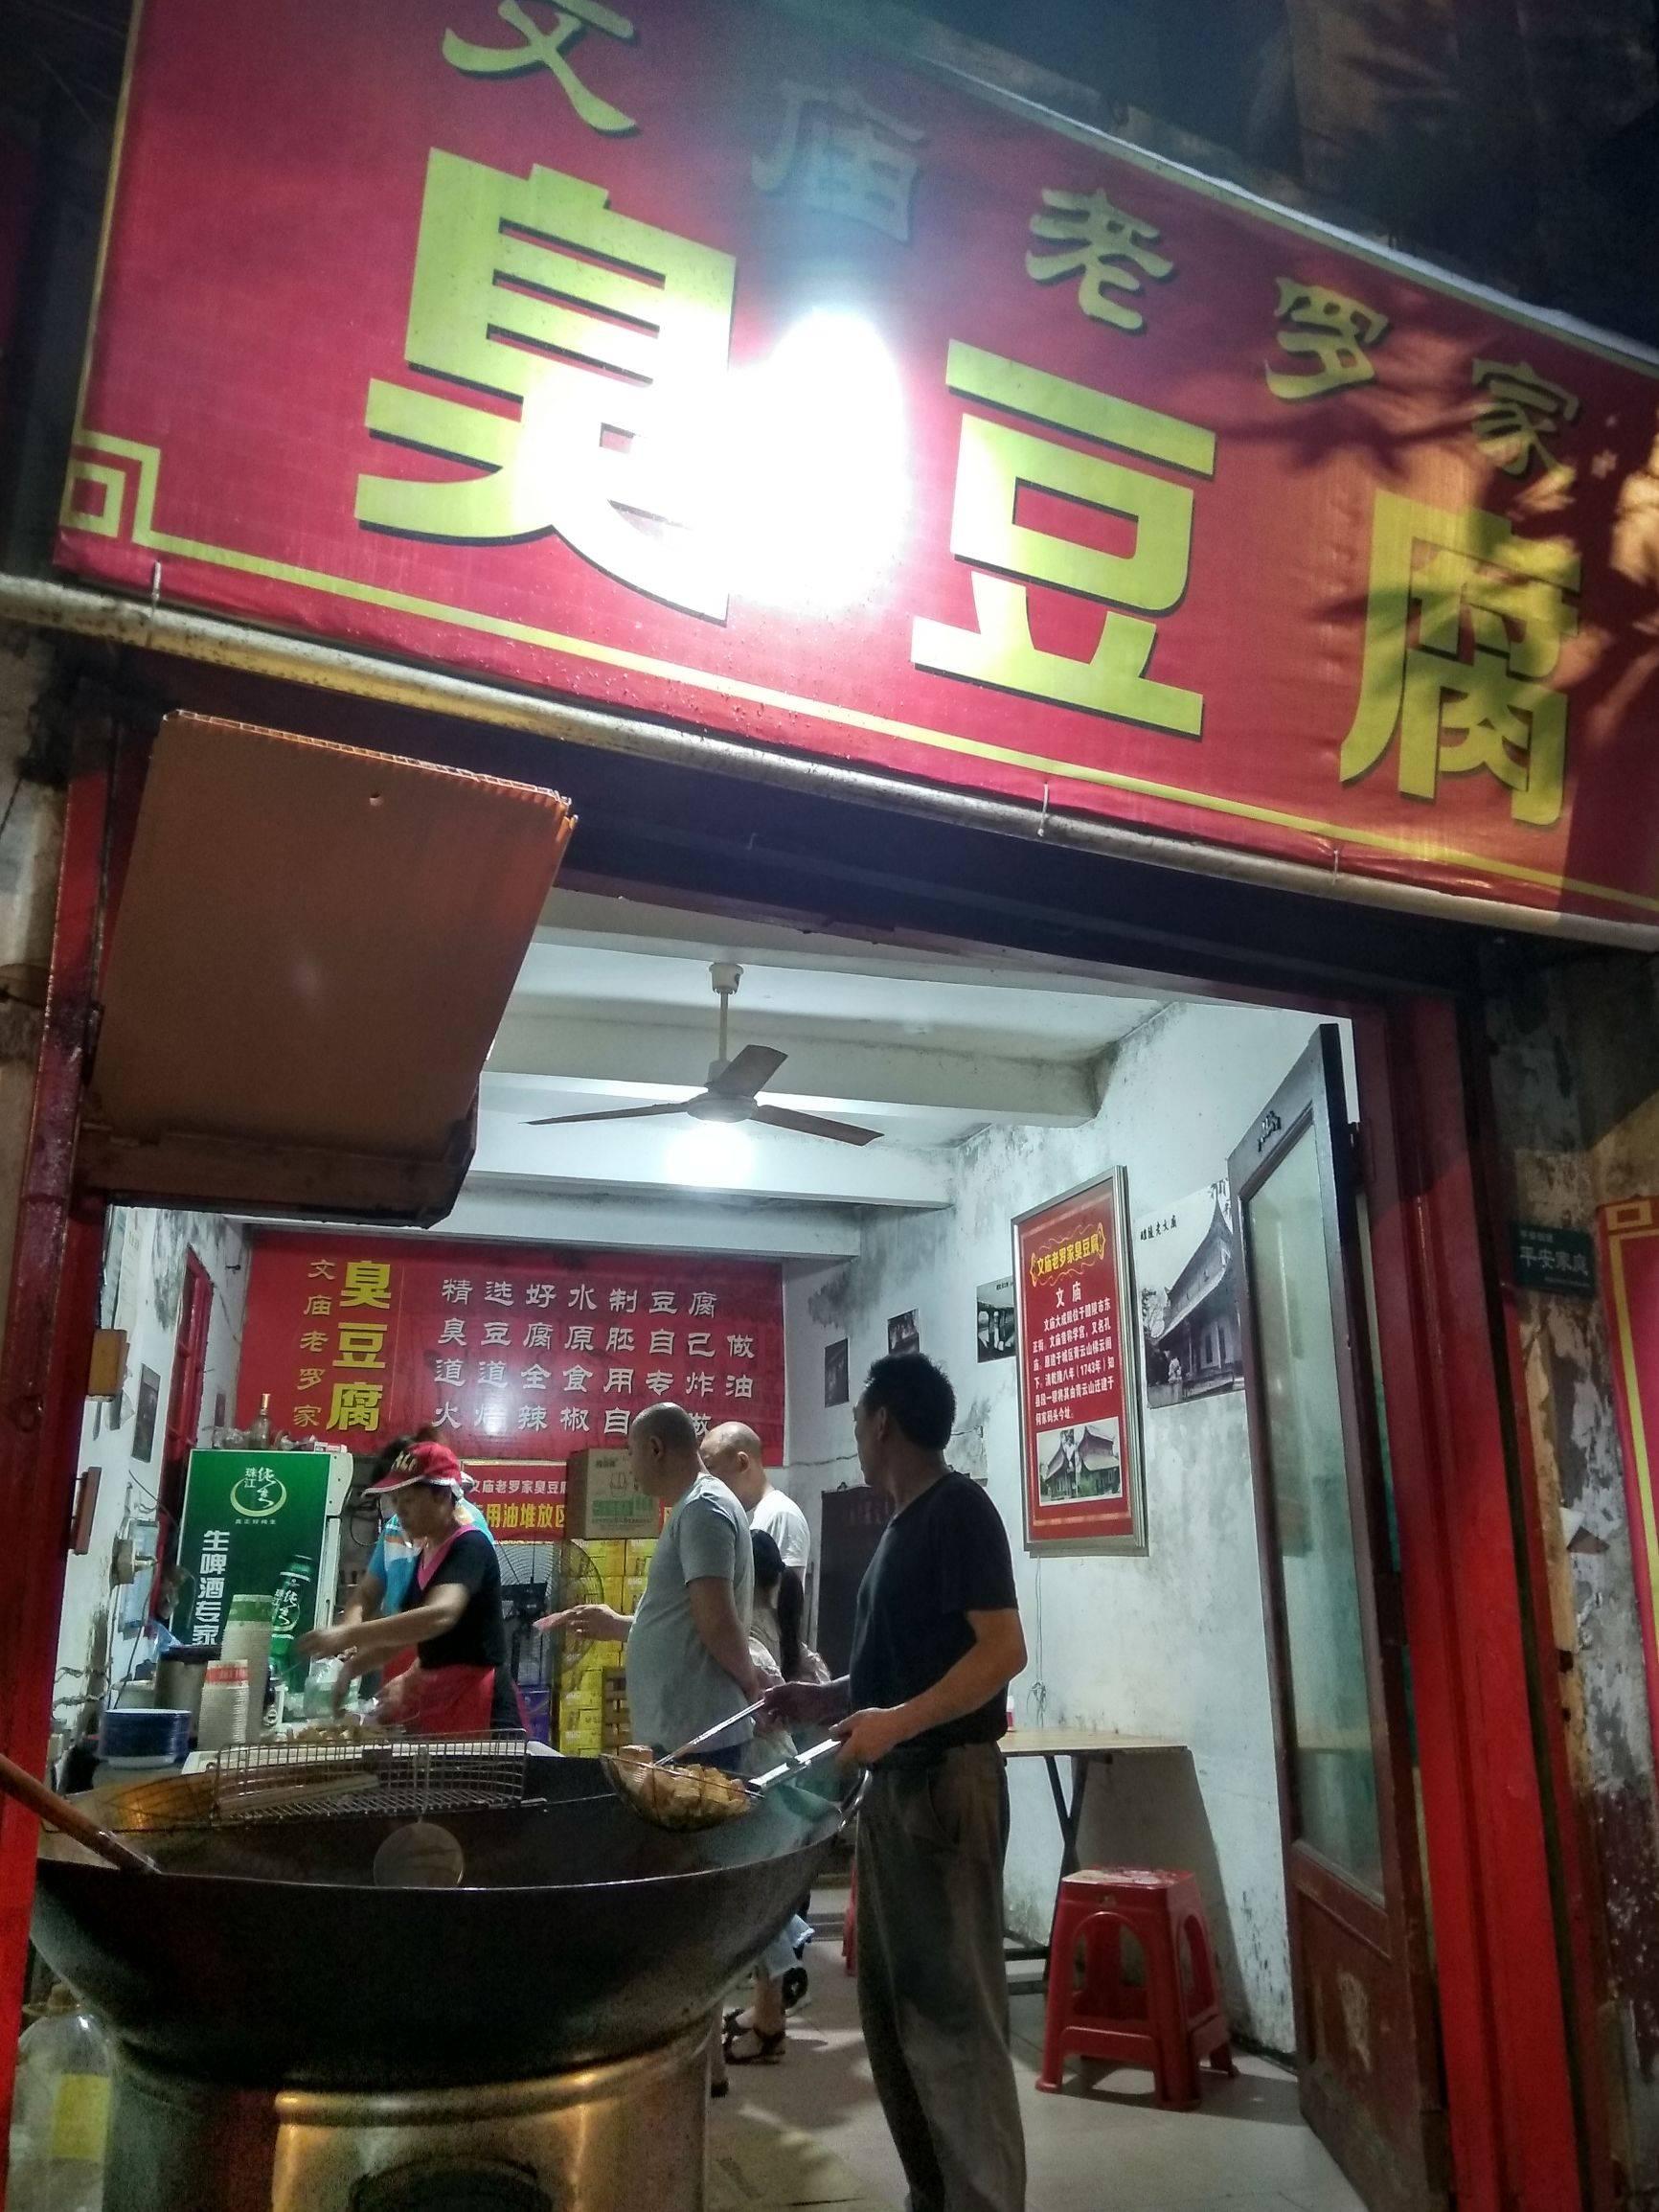 卖臭豆腐一天赚多少钱(卖臭豆腐成本是多少)